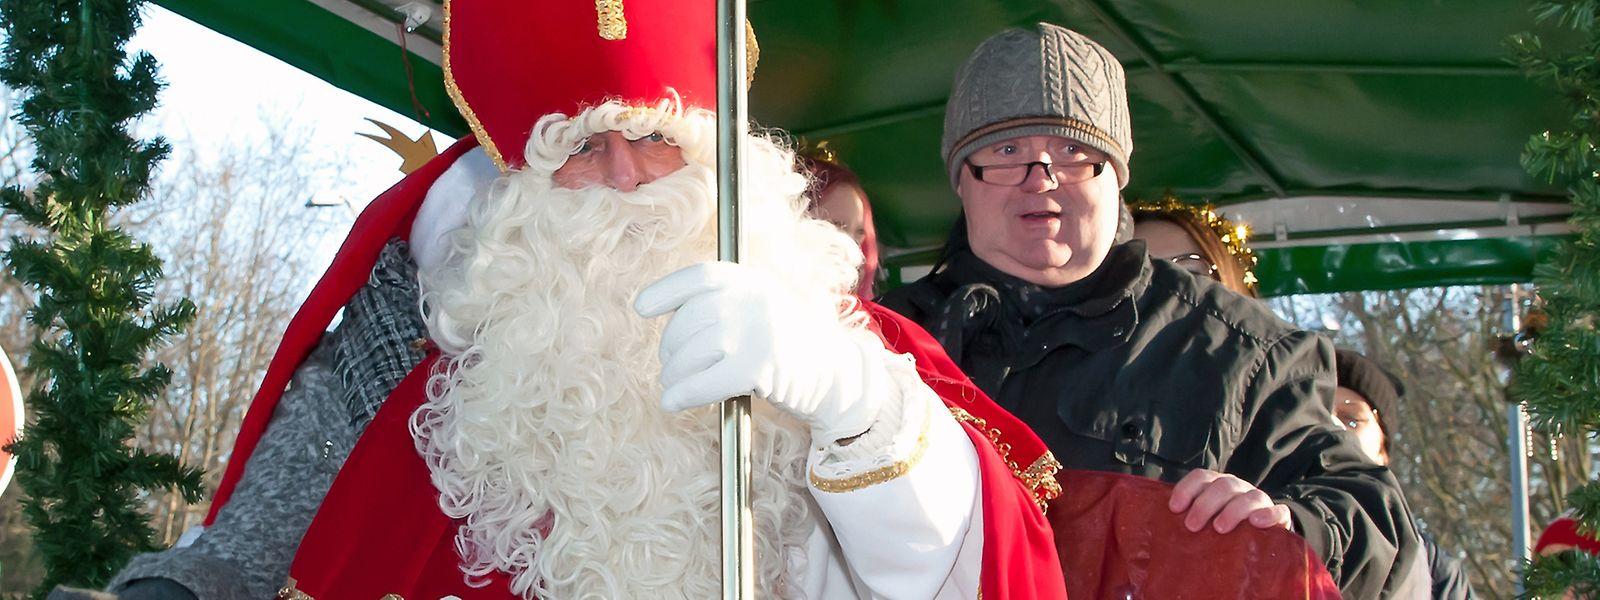 Nachdem er mit dem Zug am Bahnhof von Bettemburg angekommen ist, geht es für den Kleeschen per Anhängerwagen zur Sporthalle, wo die braven Kinder ihre Tüte mit Süßigkeiten abholen konnten.